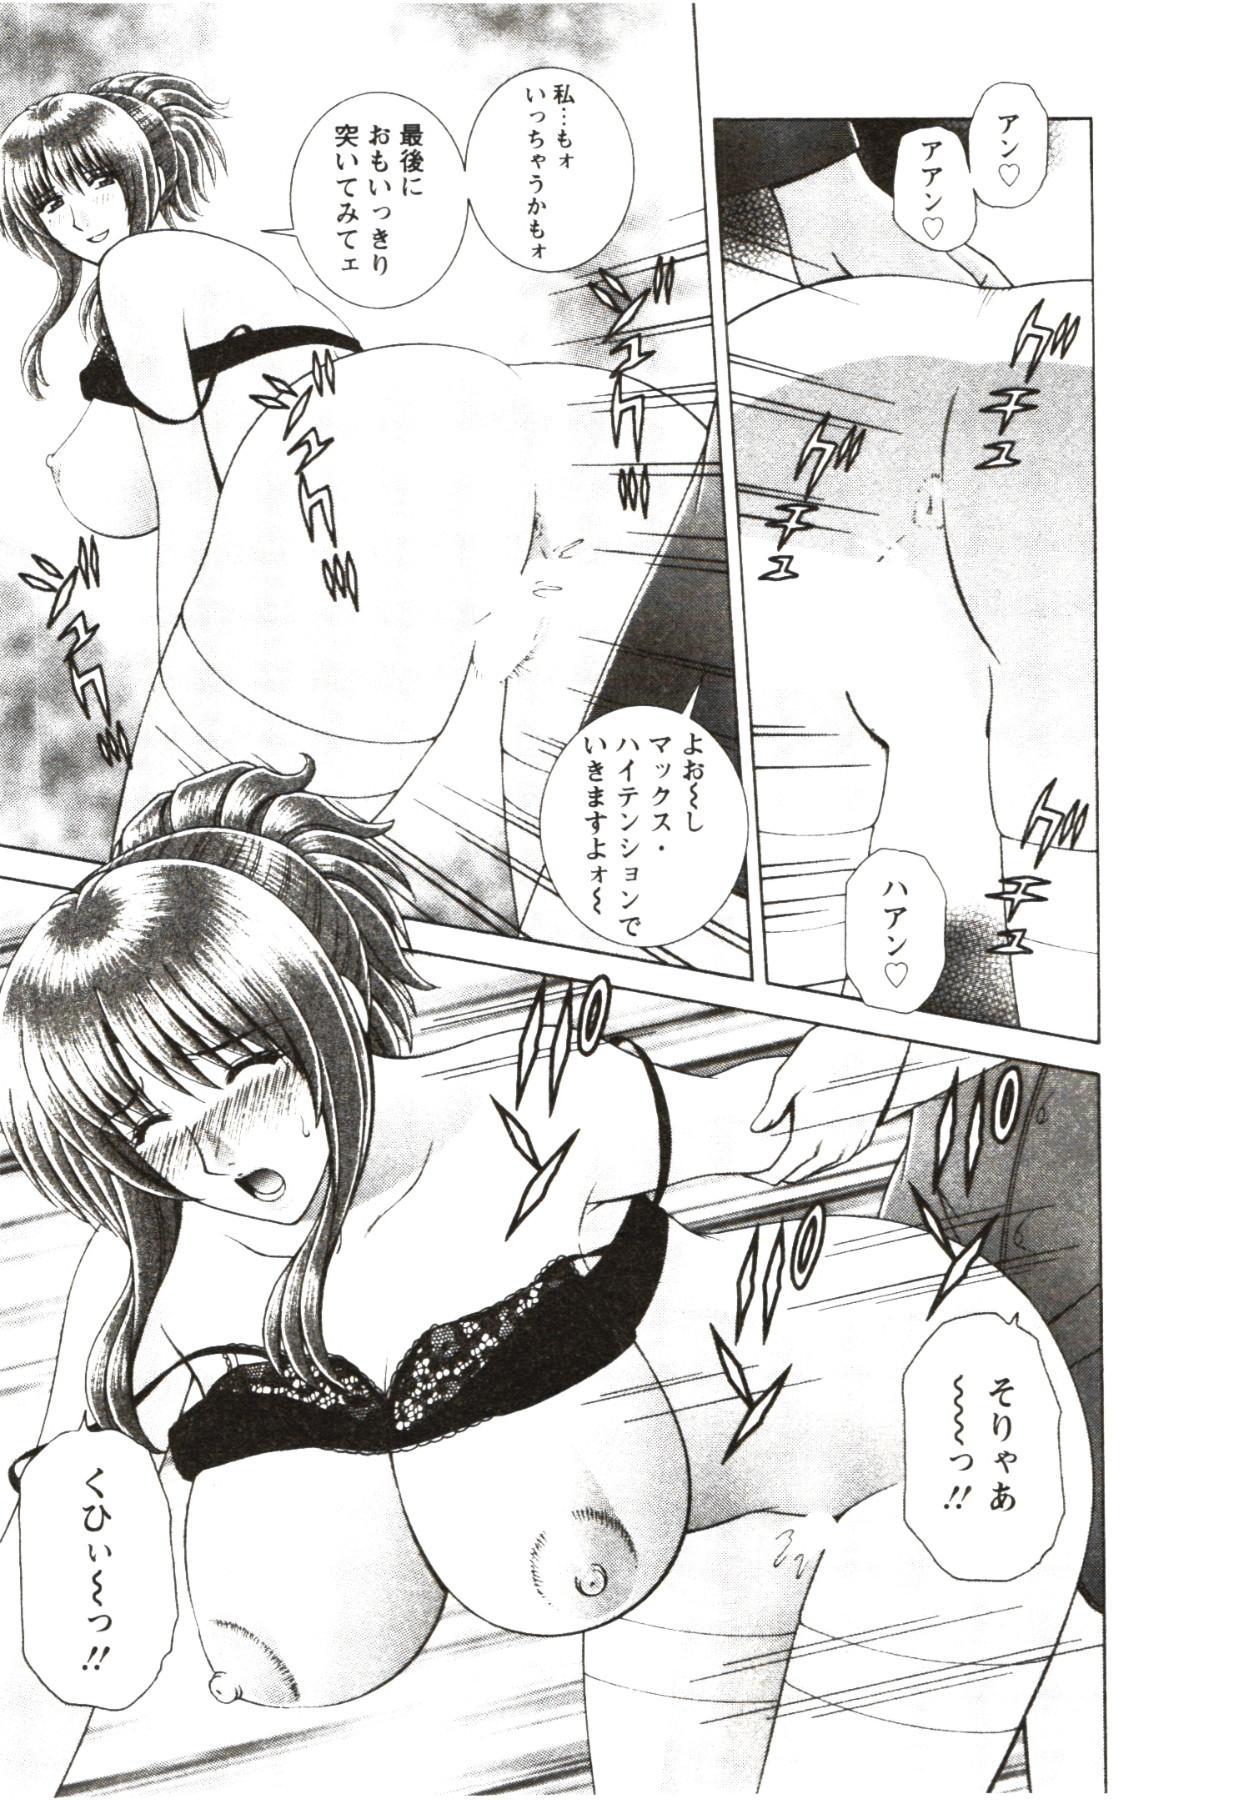 Futarigurashi 184